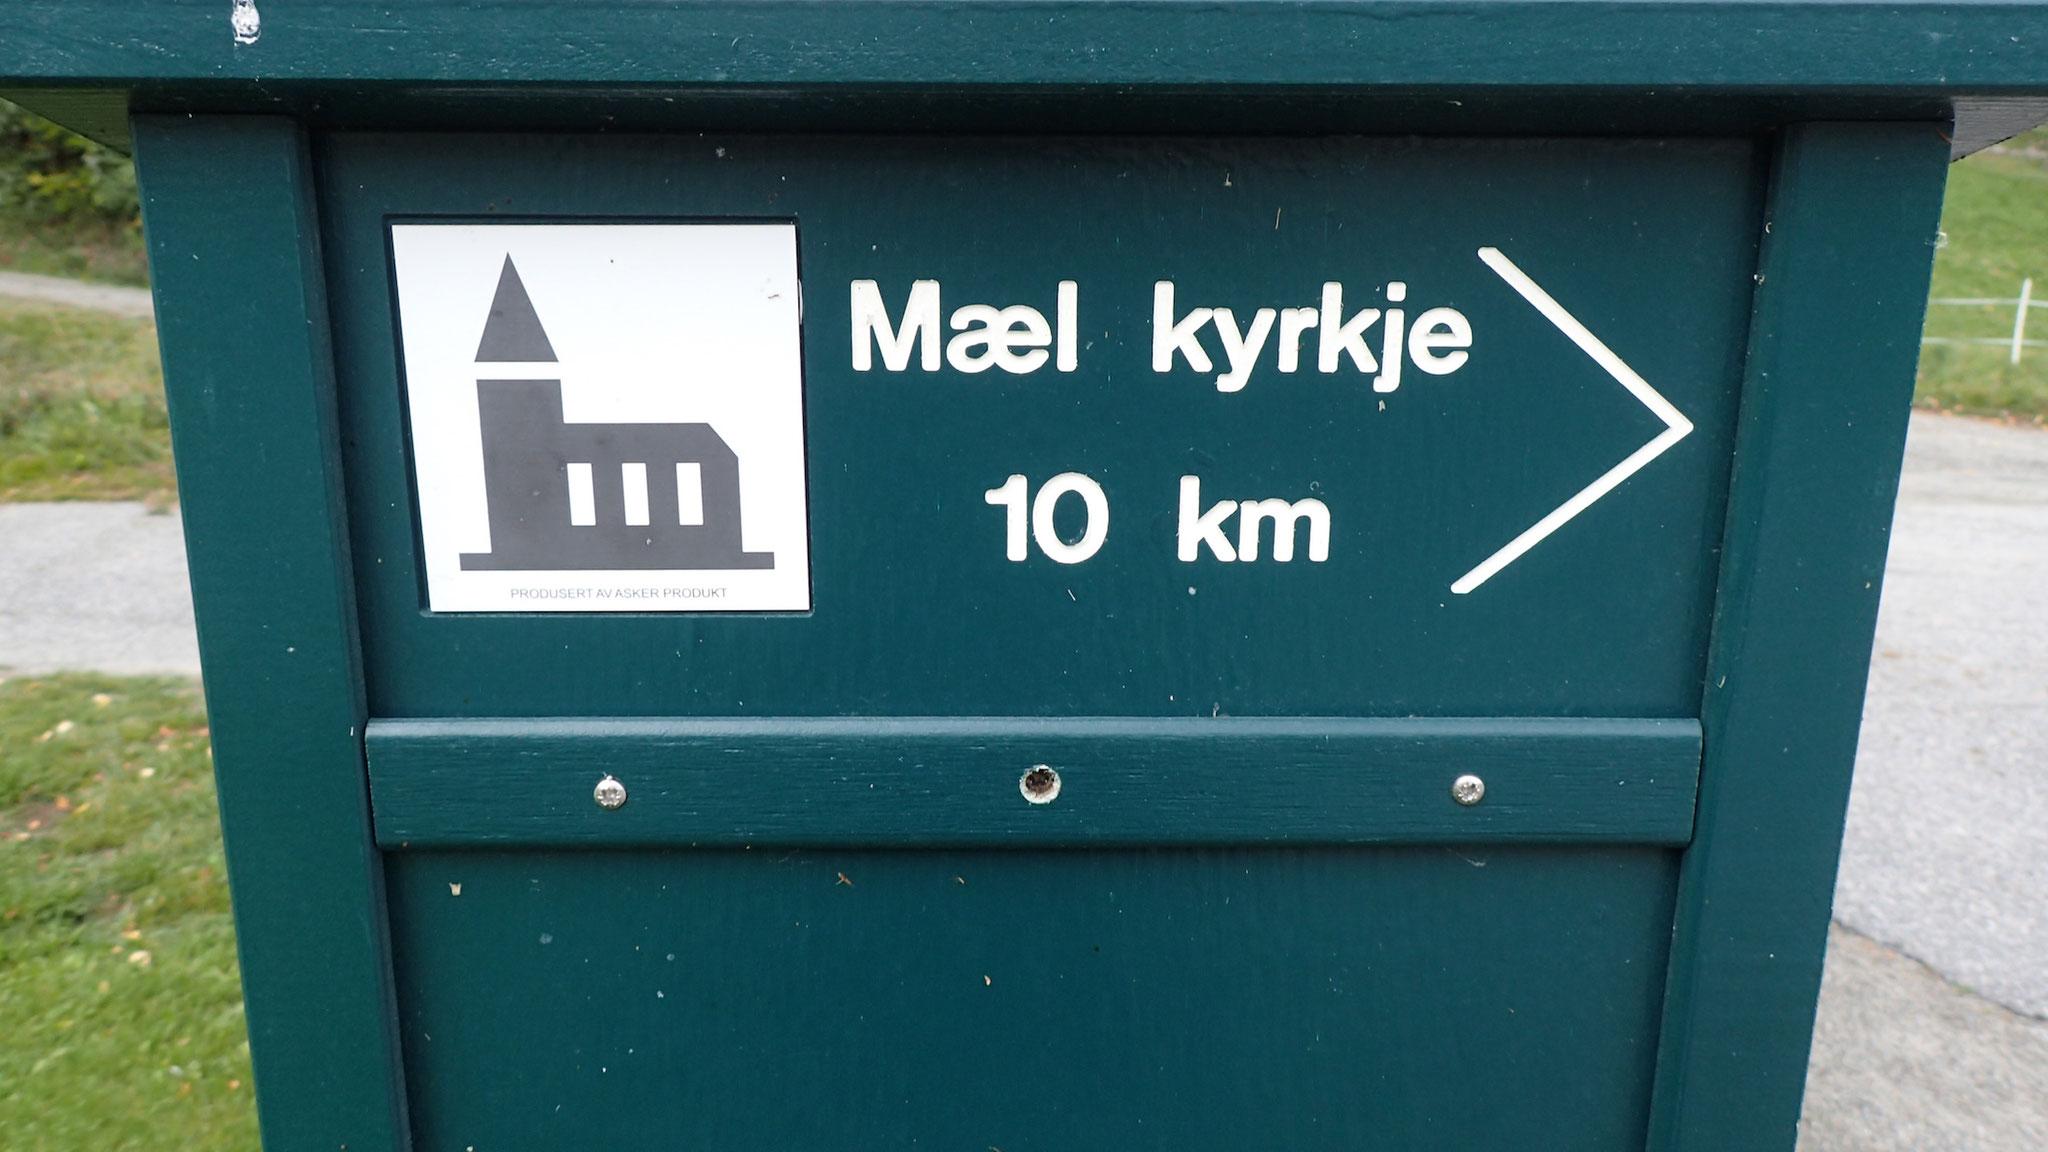 Kvite Kyrkjer Schild nach Mæl